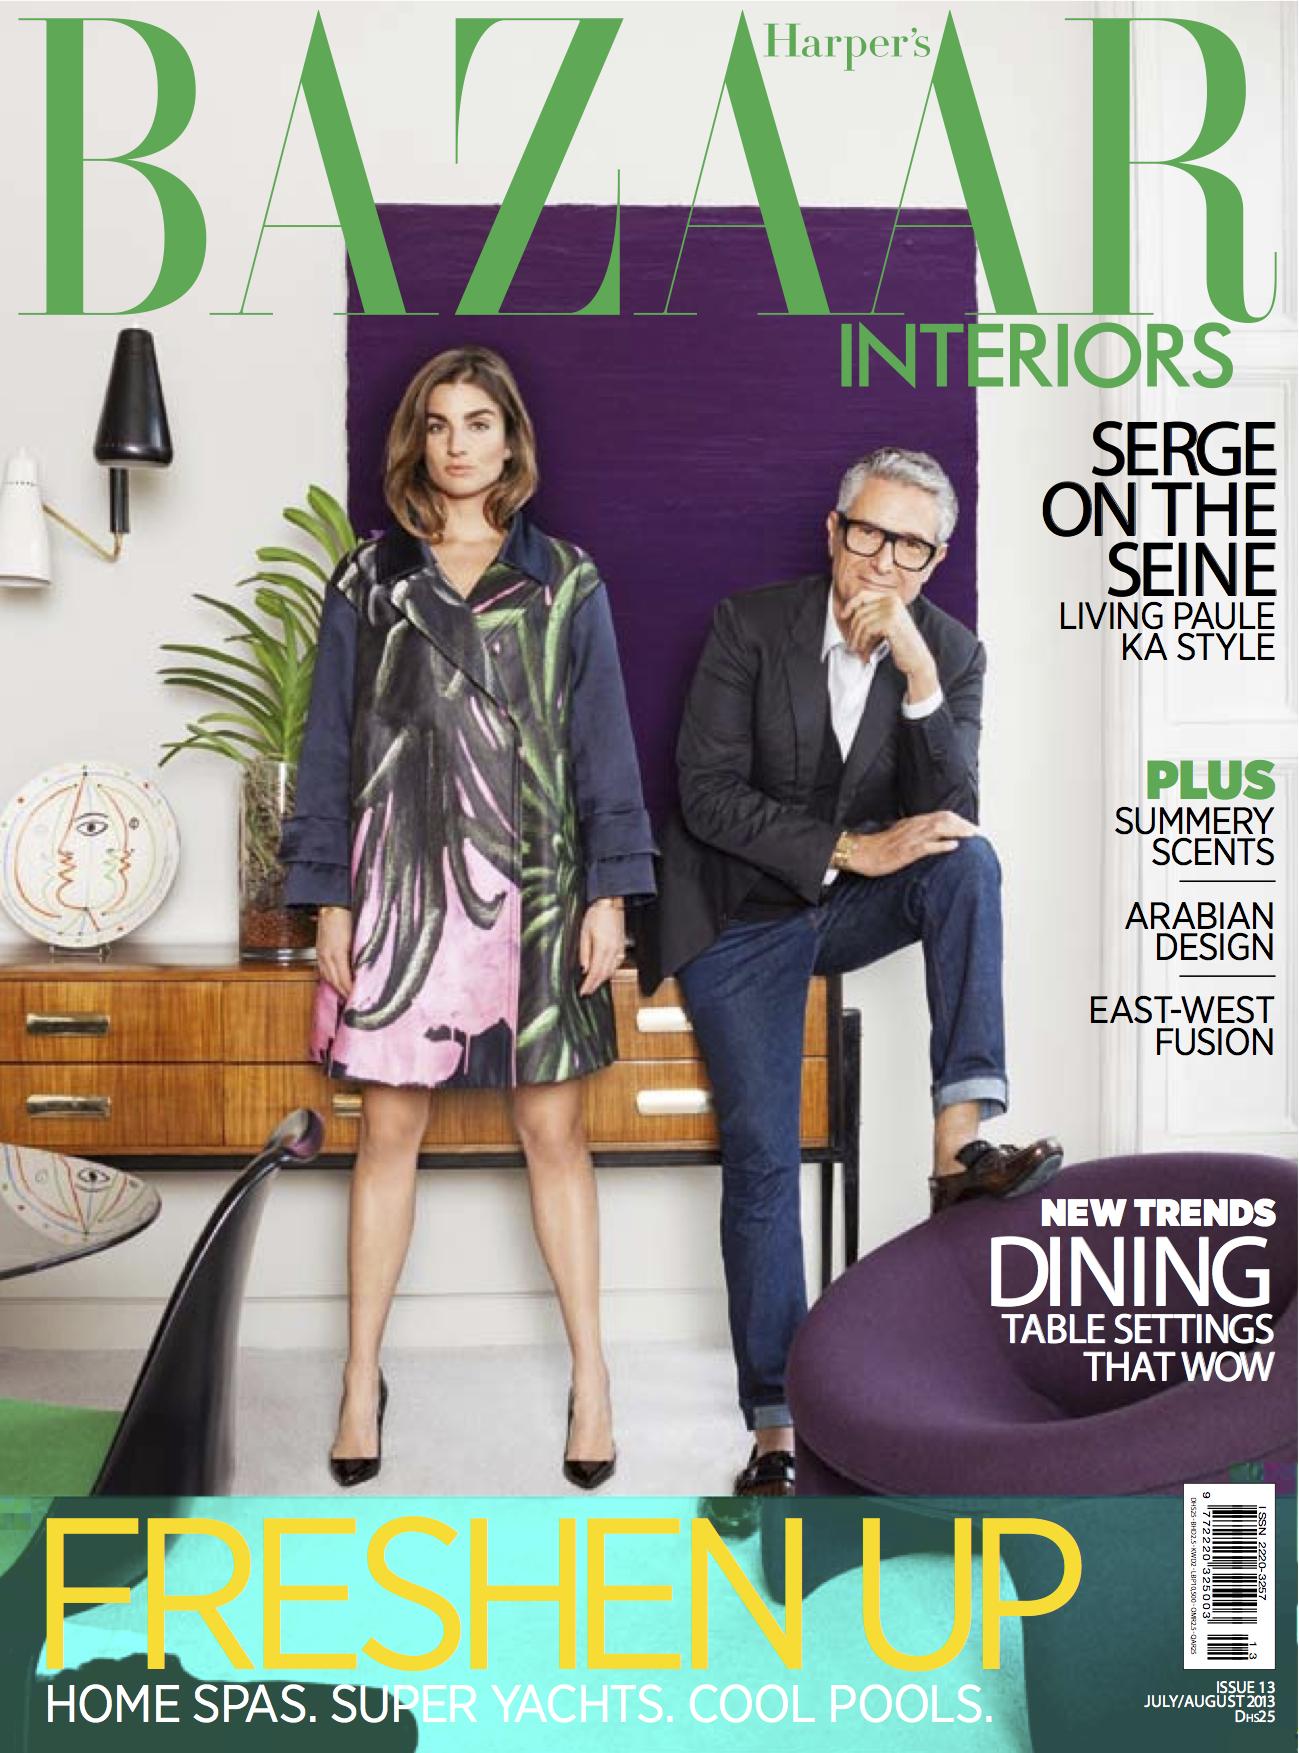 Harpers Bazaar Interiors July-August 2013_1